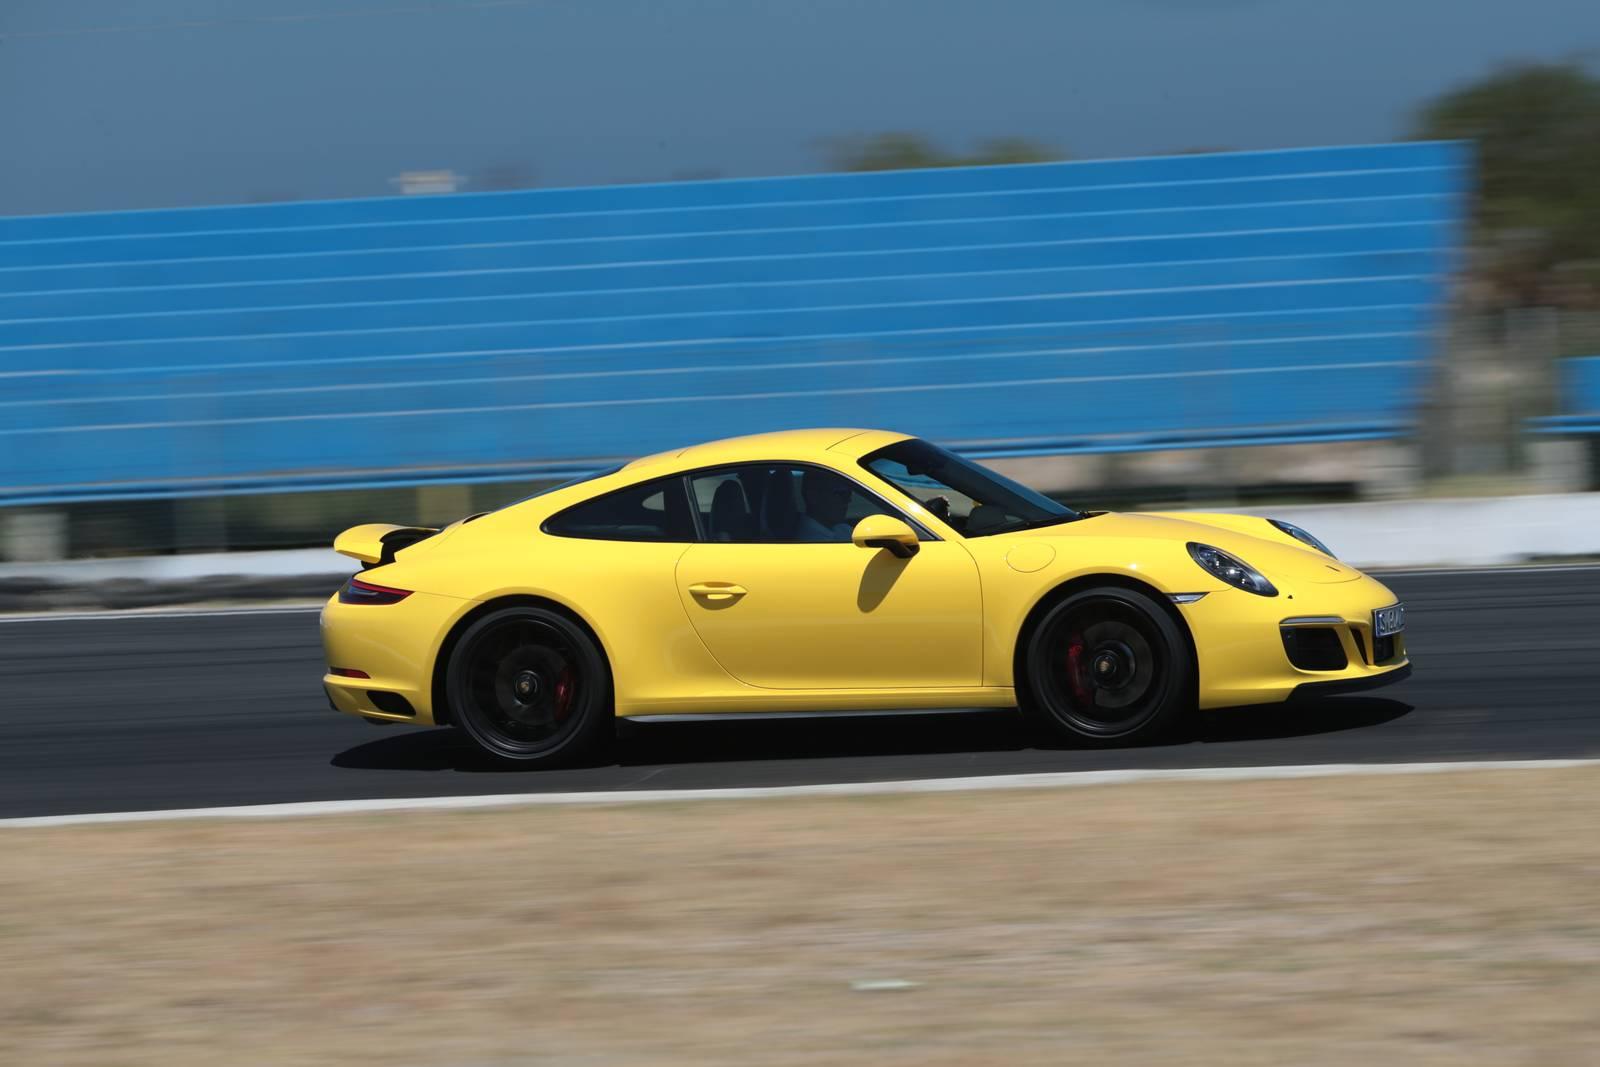 У Carrera GTS ниже аэродинамика, более слабые тормозаи меньшие шины по сравнению с 500-сильным GT3, который питается от 4-литрового атмосферного шестицилиндрового двигателя.